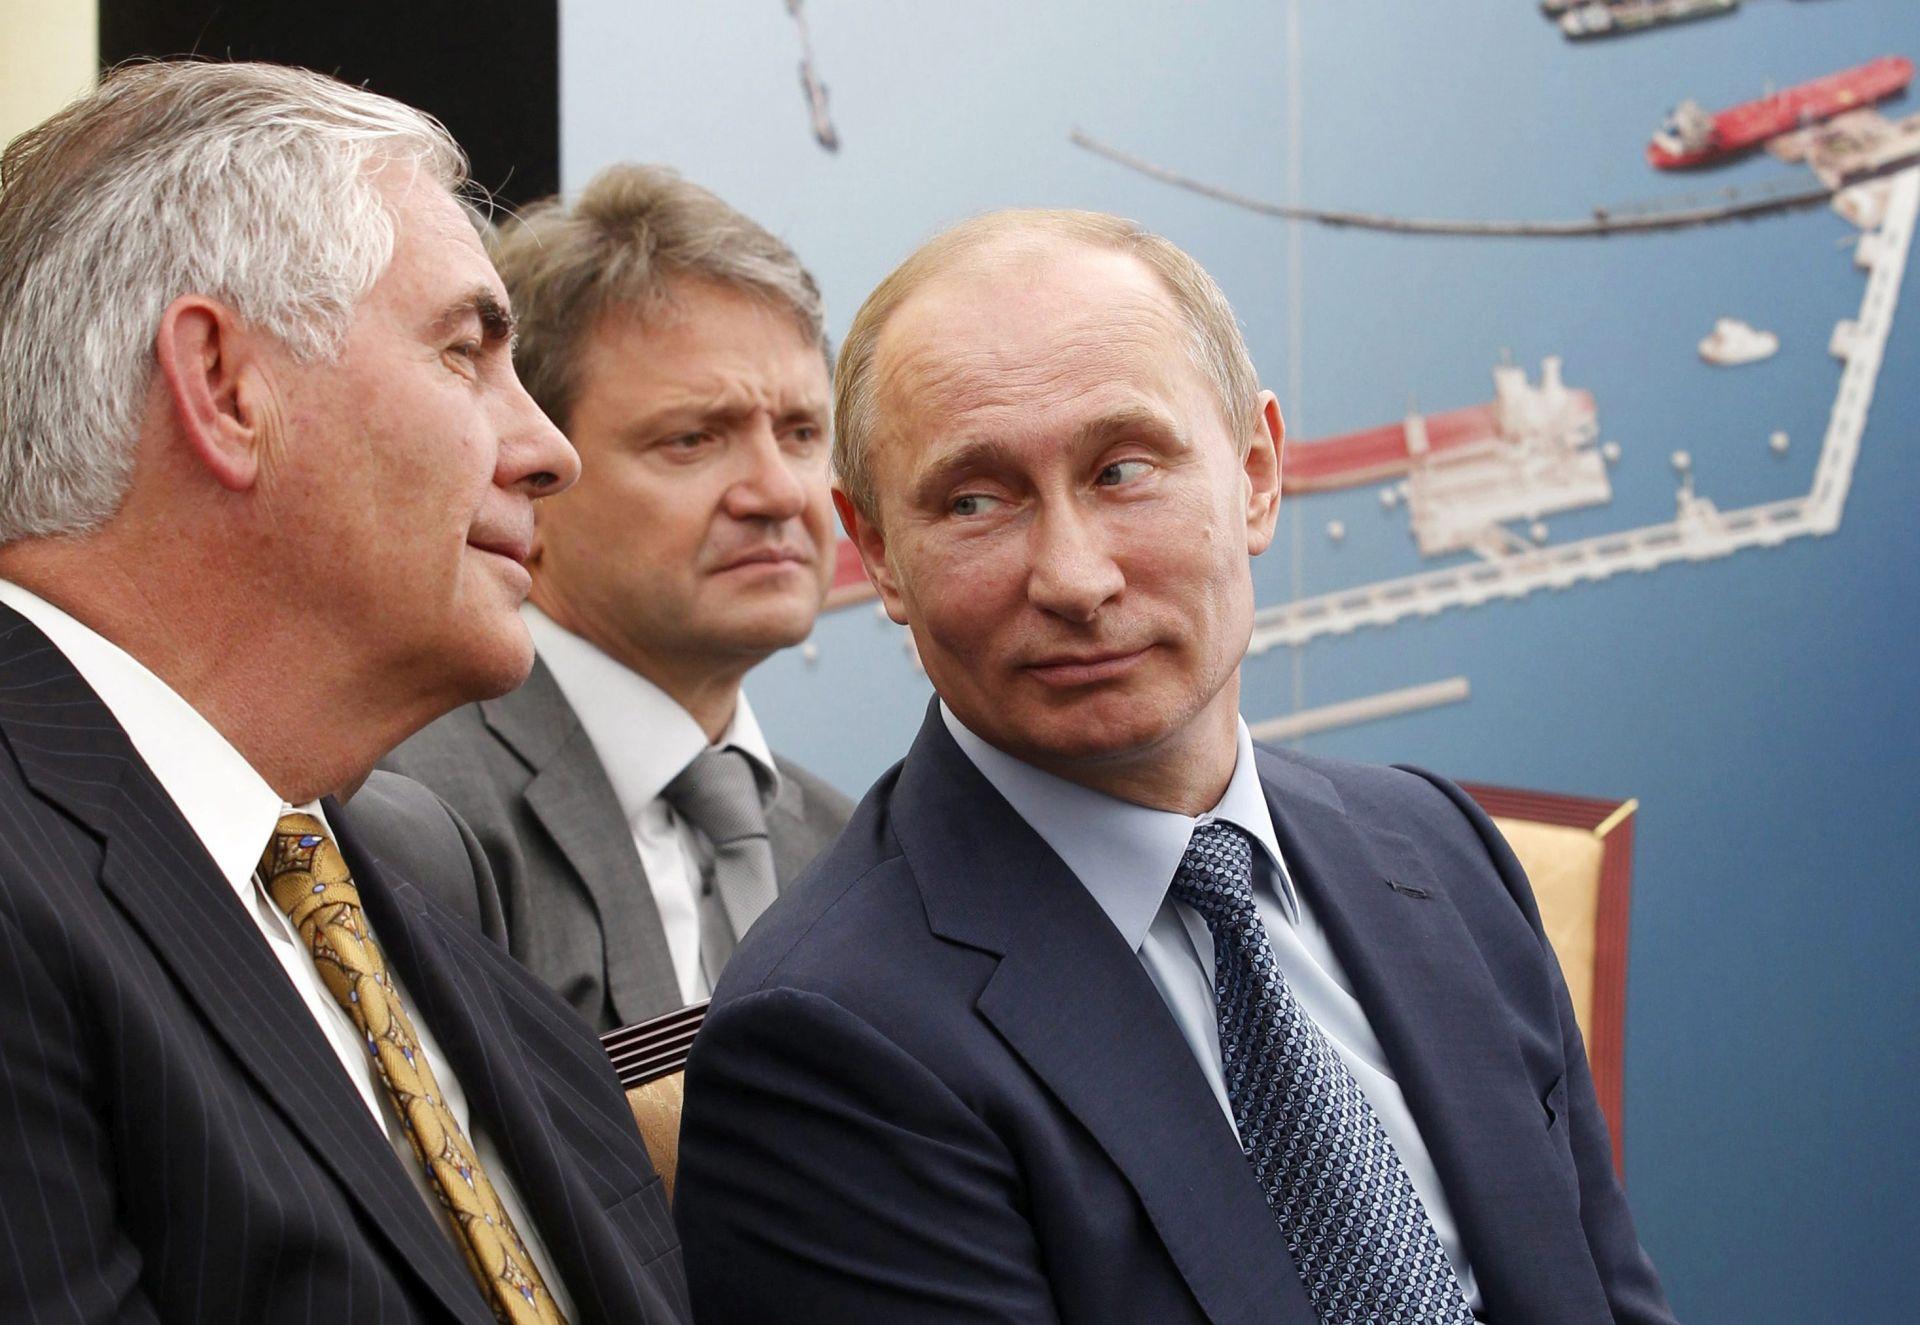 TRUMP: Treba se baviti važnijim stvarima nakon sankcija Rusiji